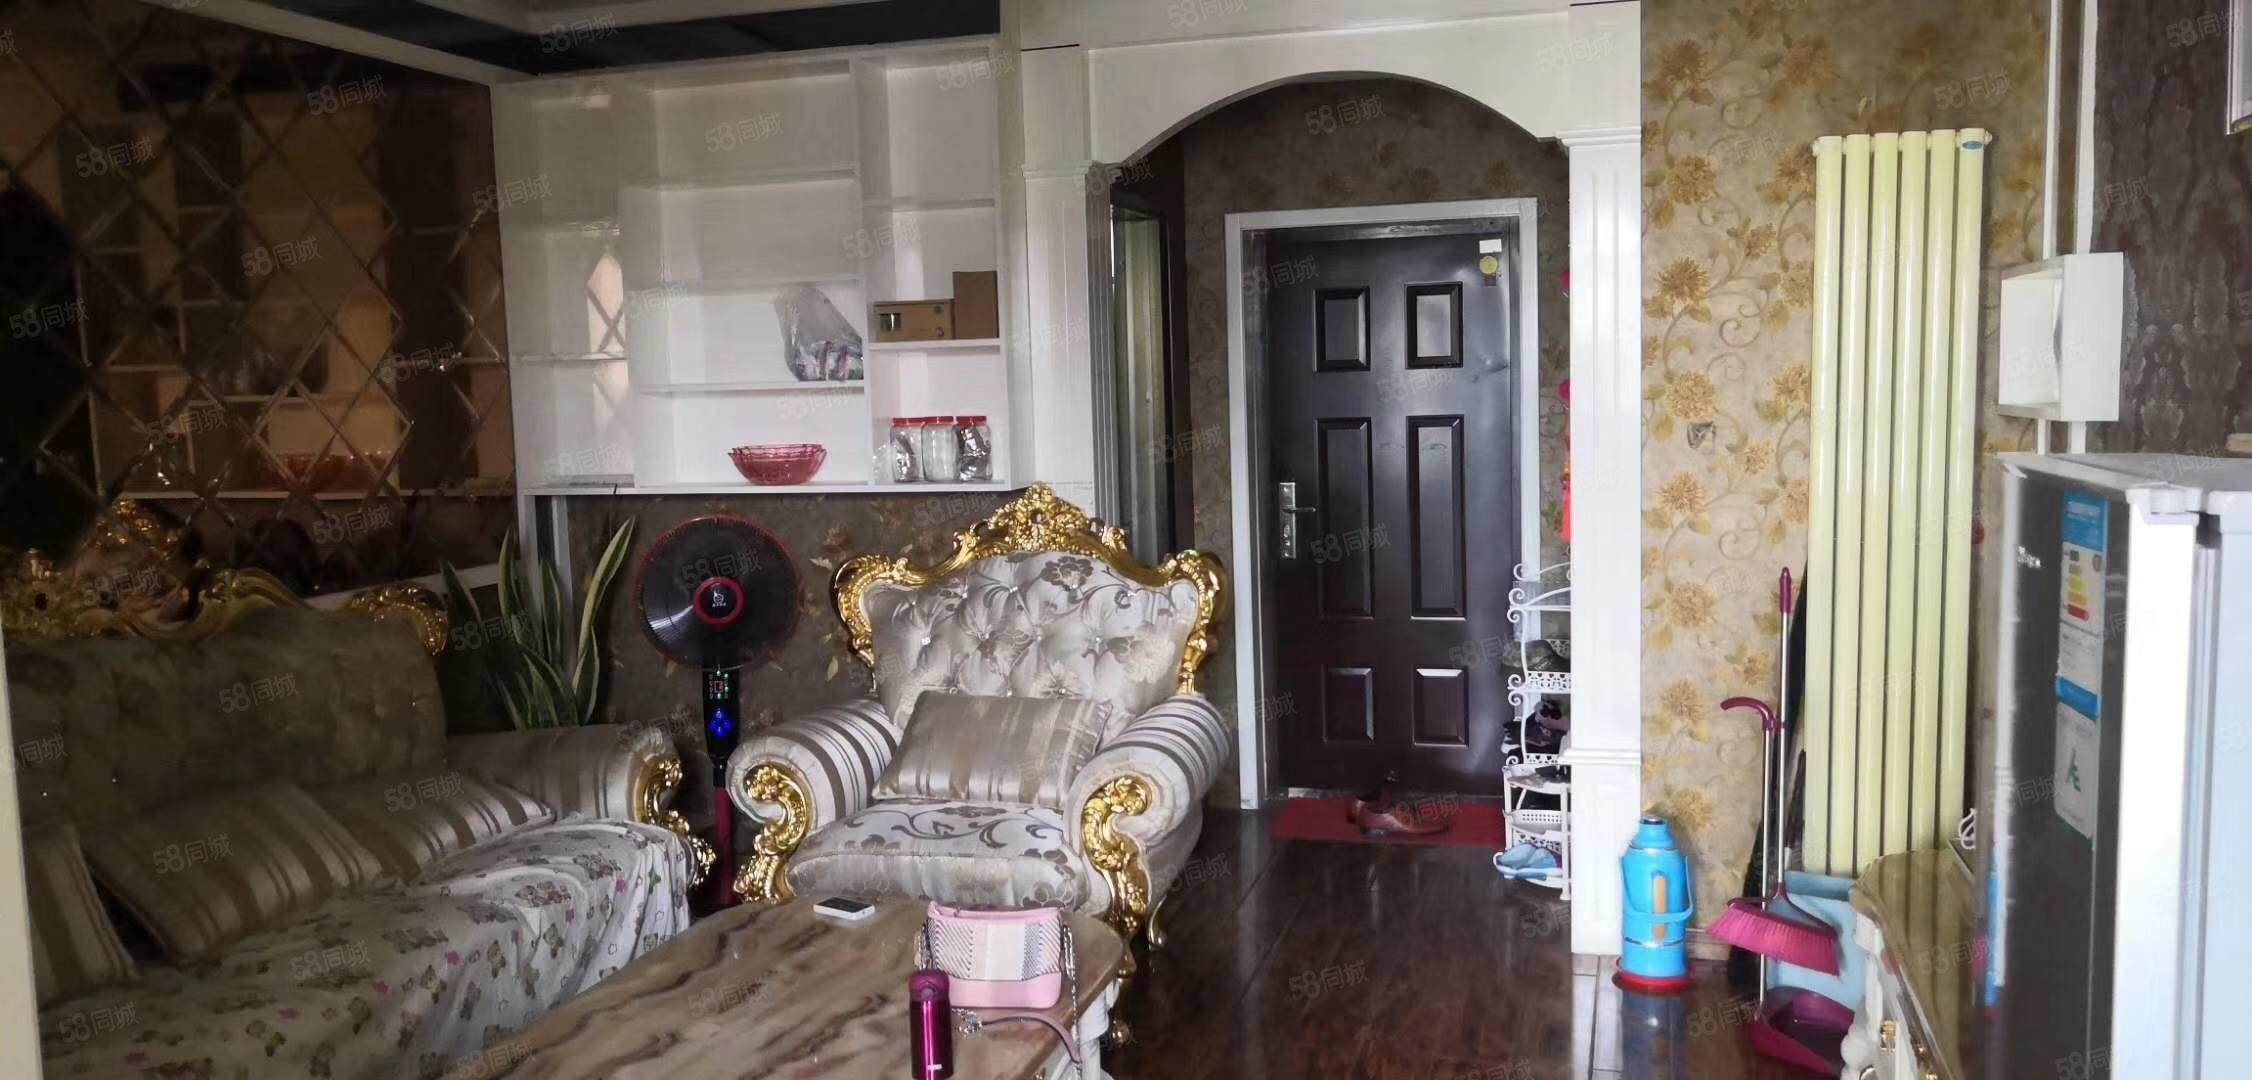 龍城知春小公寓,精裝修,帶家具家電,拎包入住,急售,可貸款